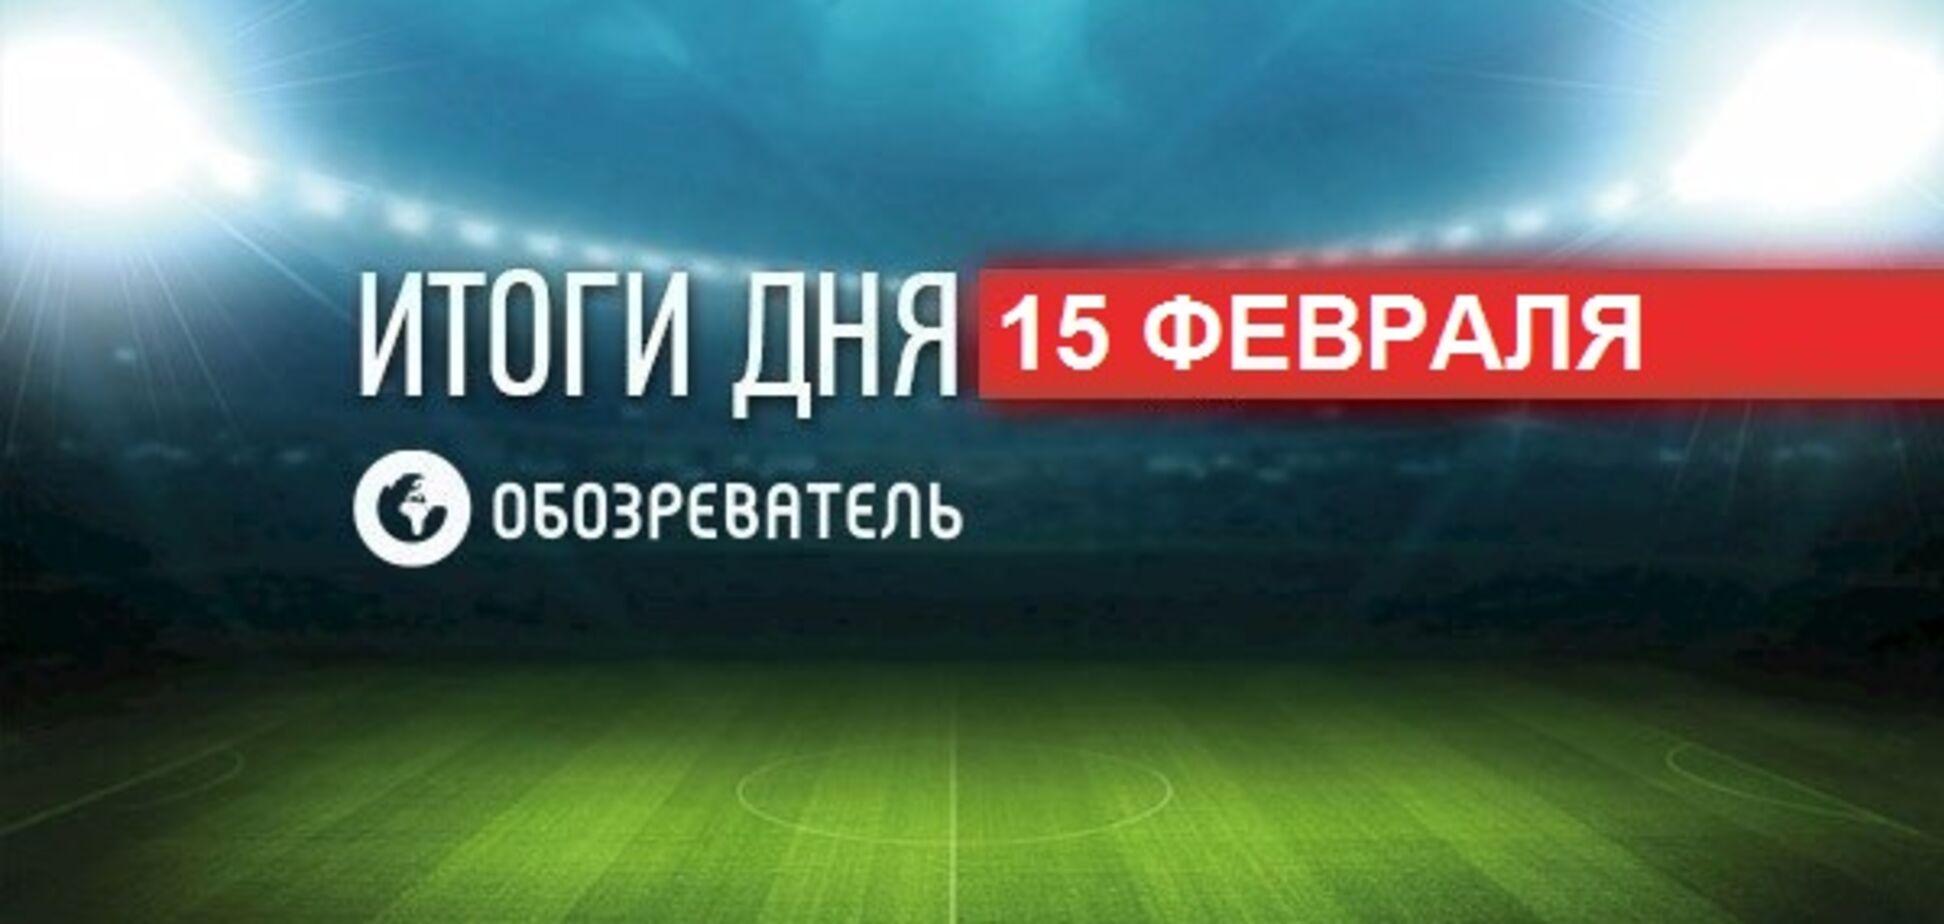 Россияне напали на фанатов 'Динамо' в Афинах: спортивные итоги 15 февраля